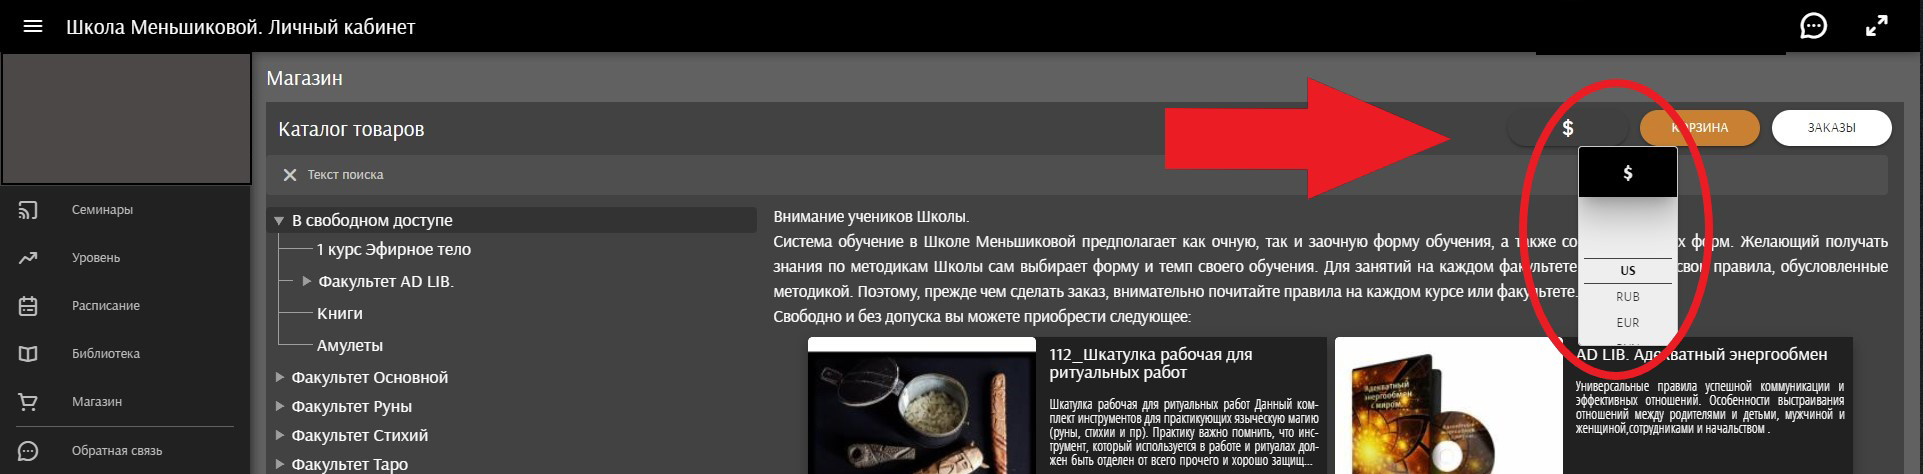 выбор валюты, меньшикова, Ксения Меньшикова, сайт школы Меньшиковой